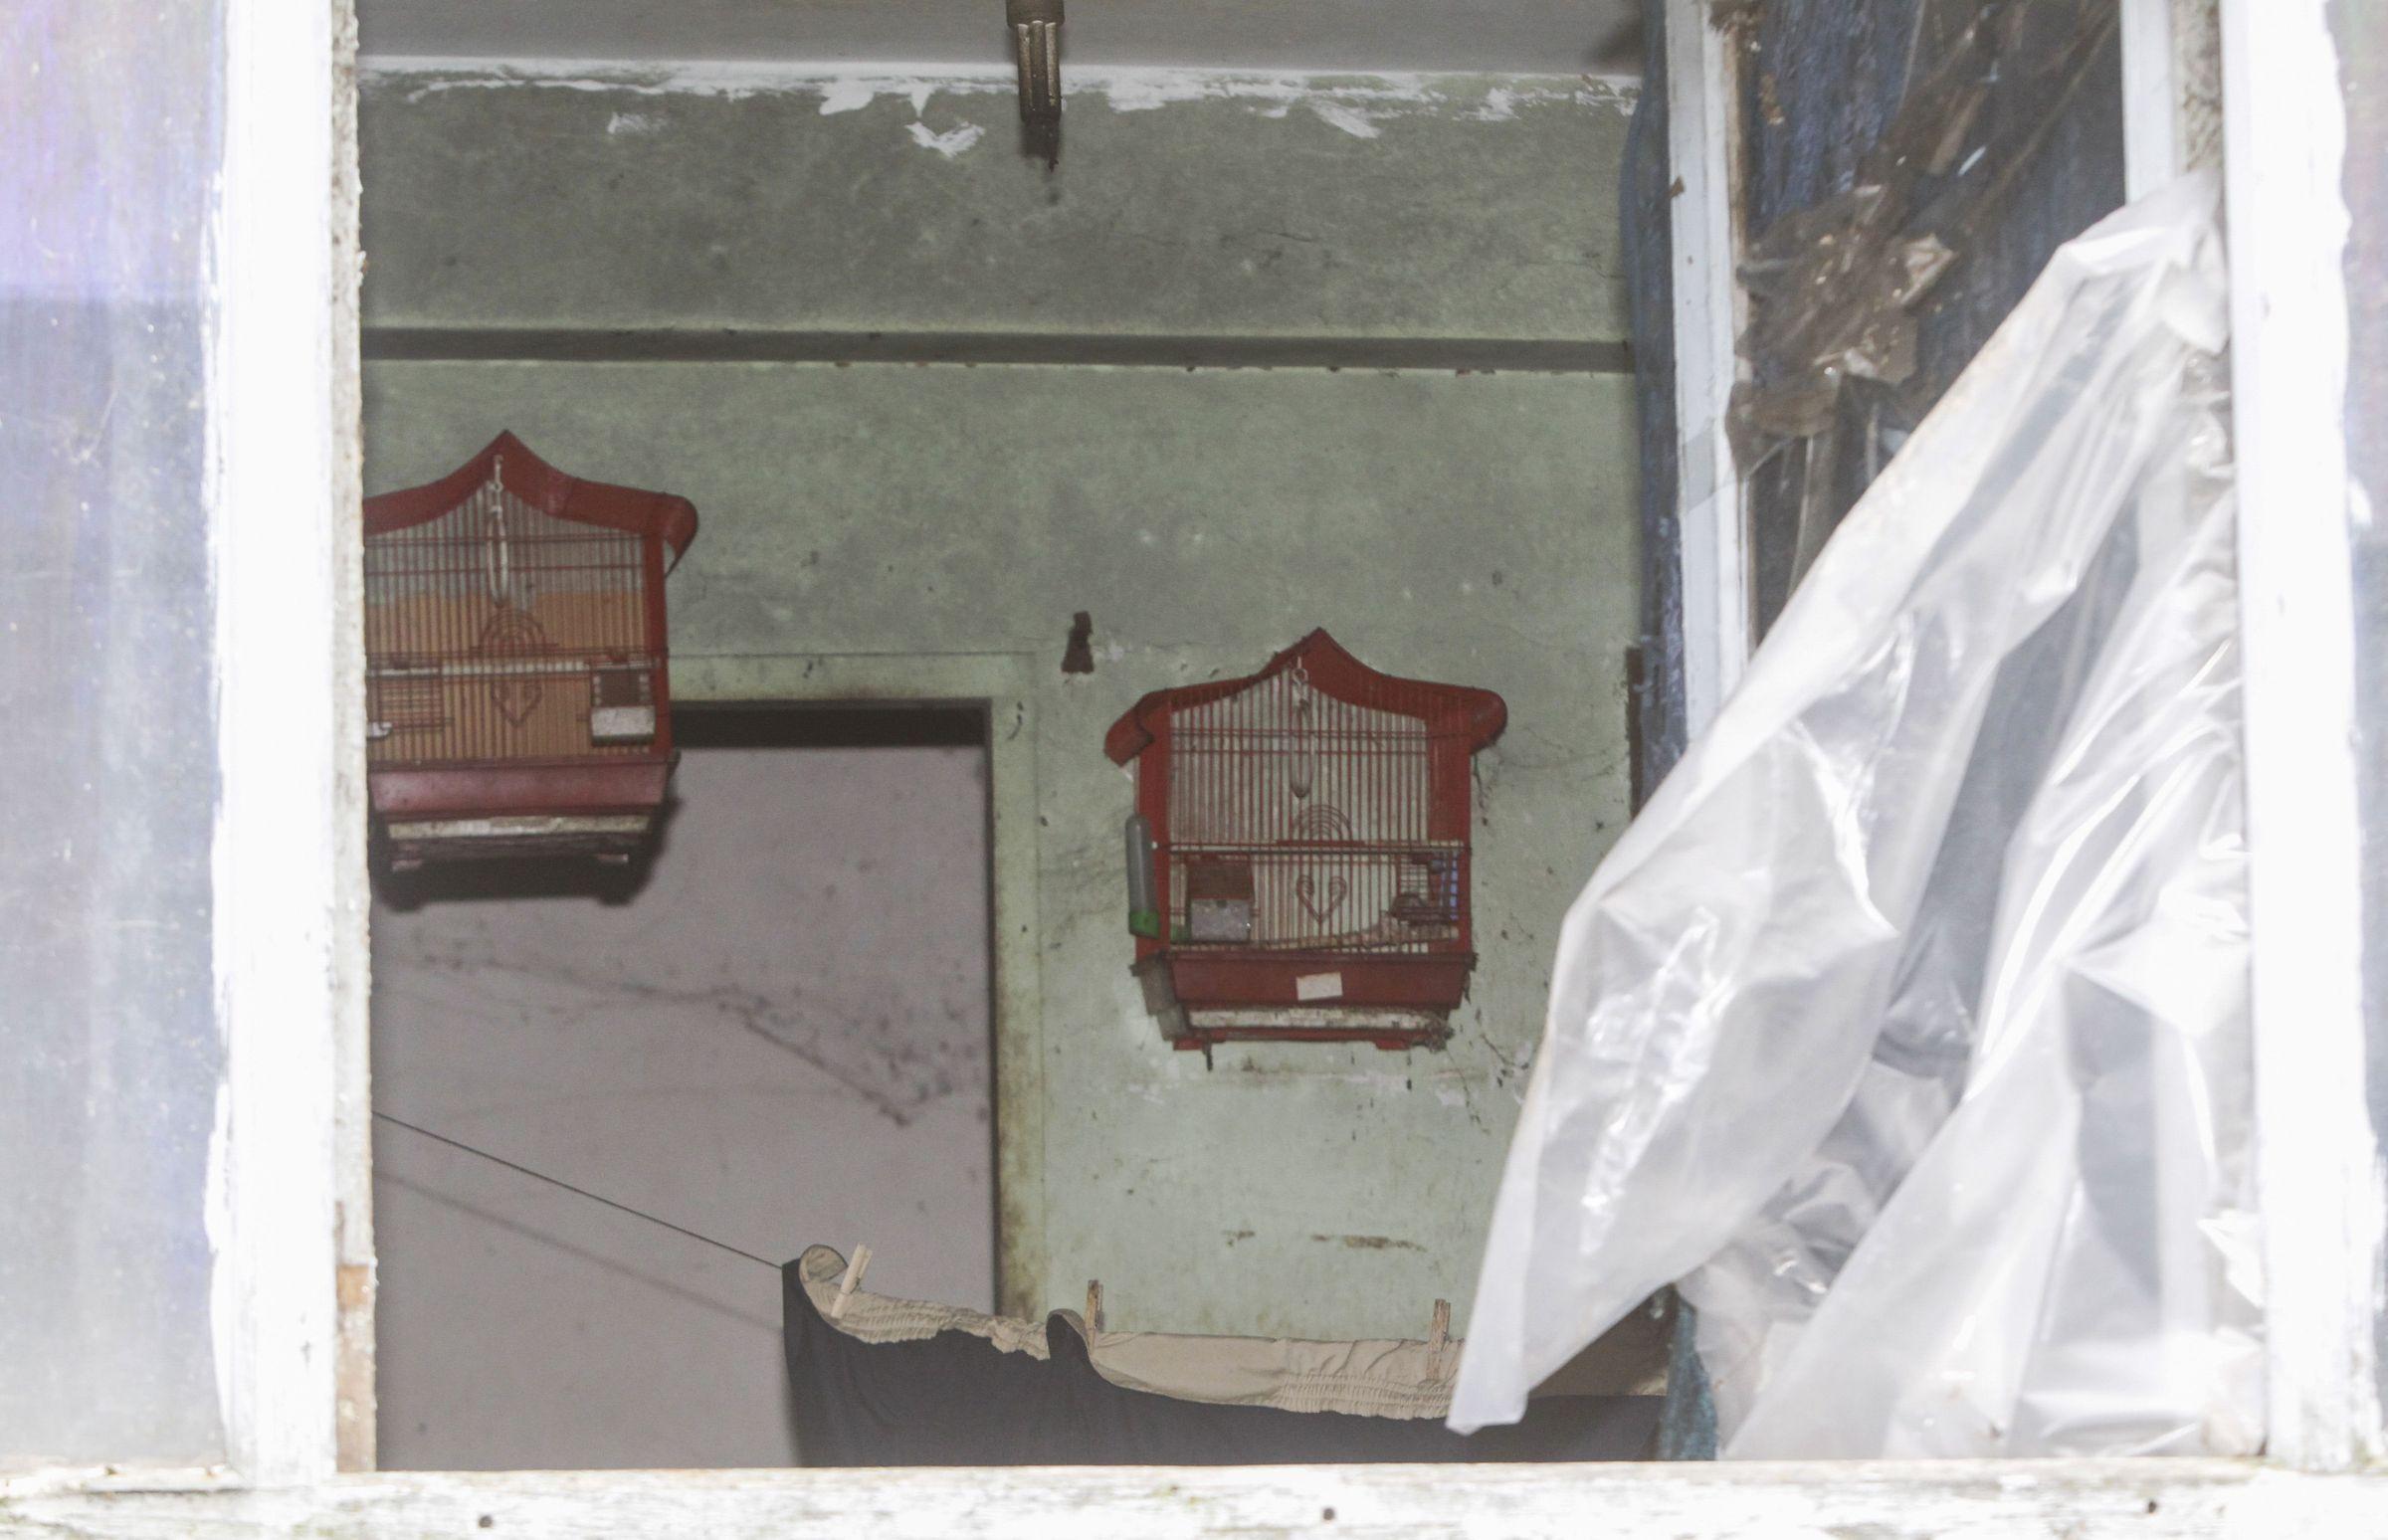 A través de una ventana rota de la vivienda de la mujer fallecida se pueden ver jaulas en el interior de la casa